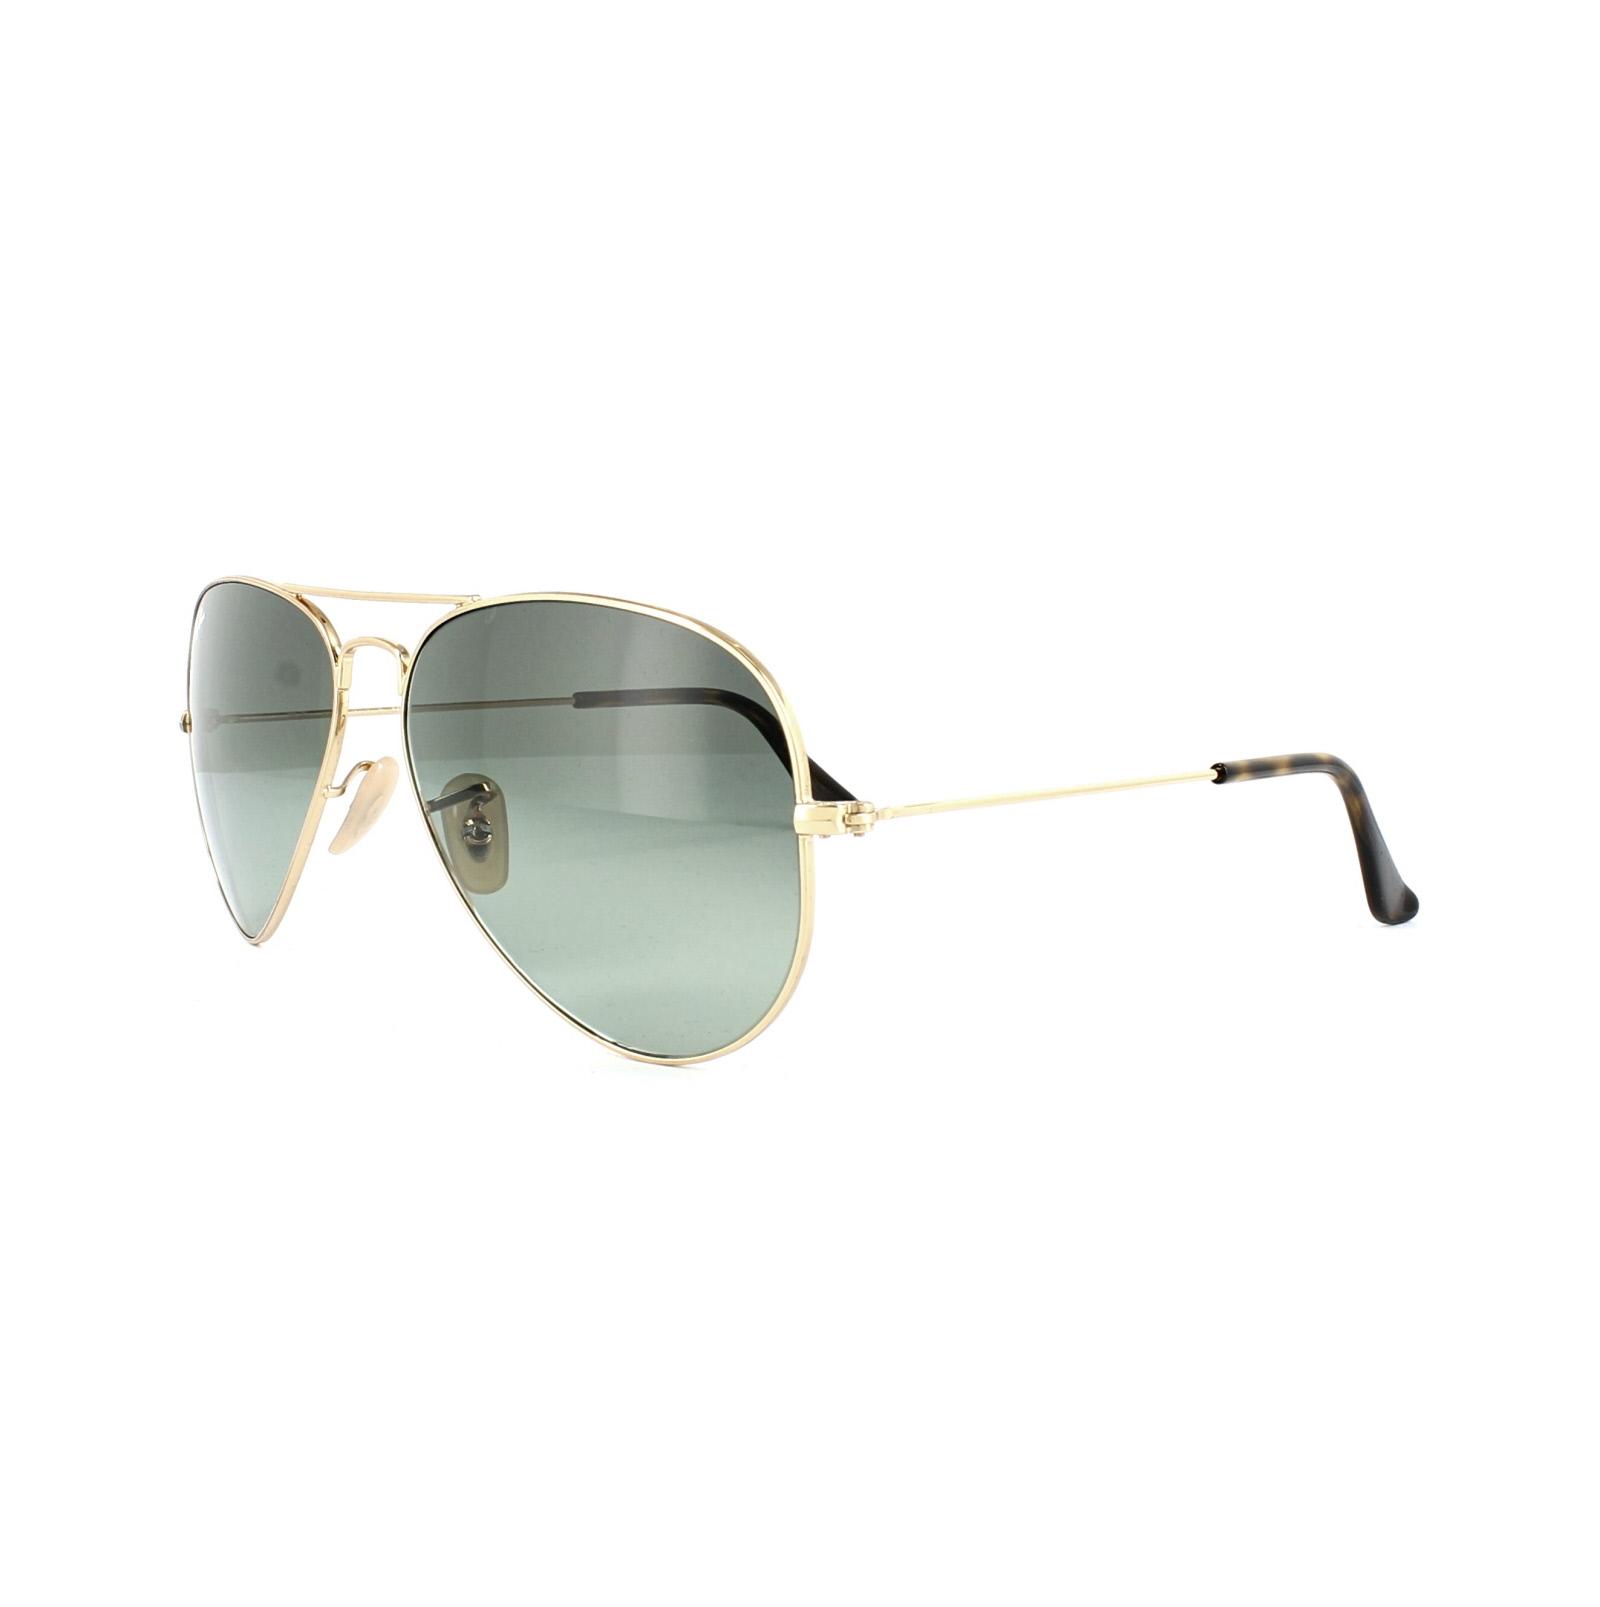 Ray-Ban Sonnenbrille Aviator 3025 181/71 Gold & Havanna Grau Verlauf ...